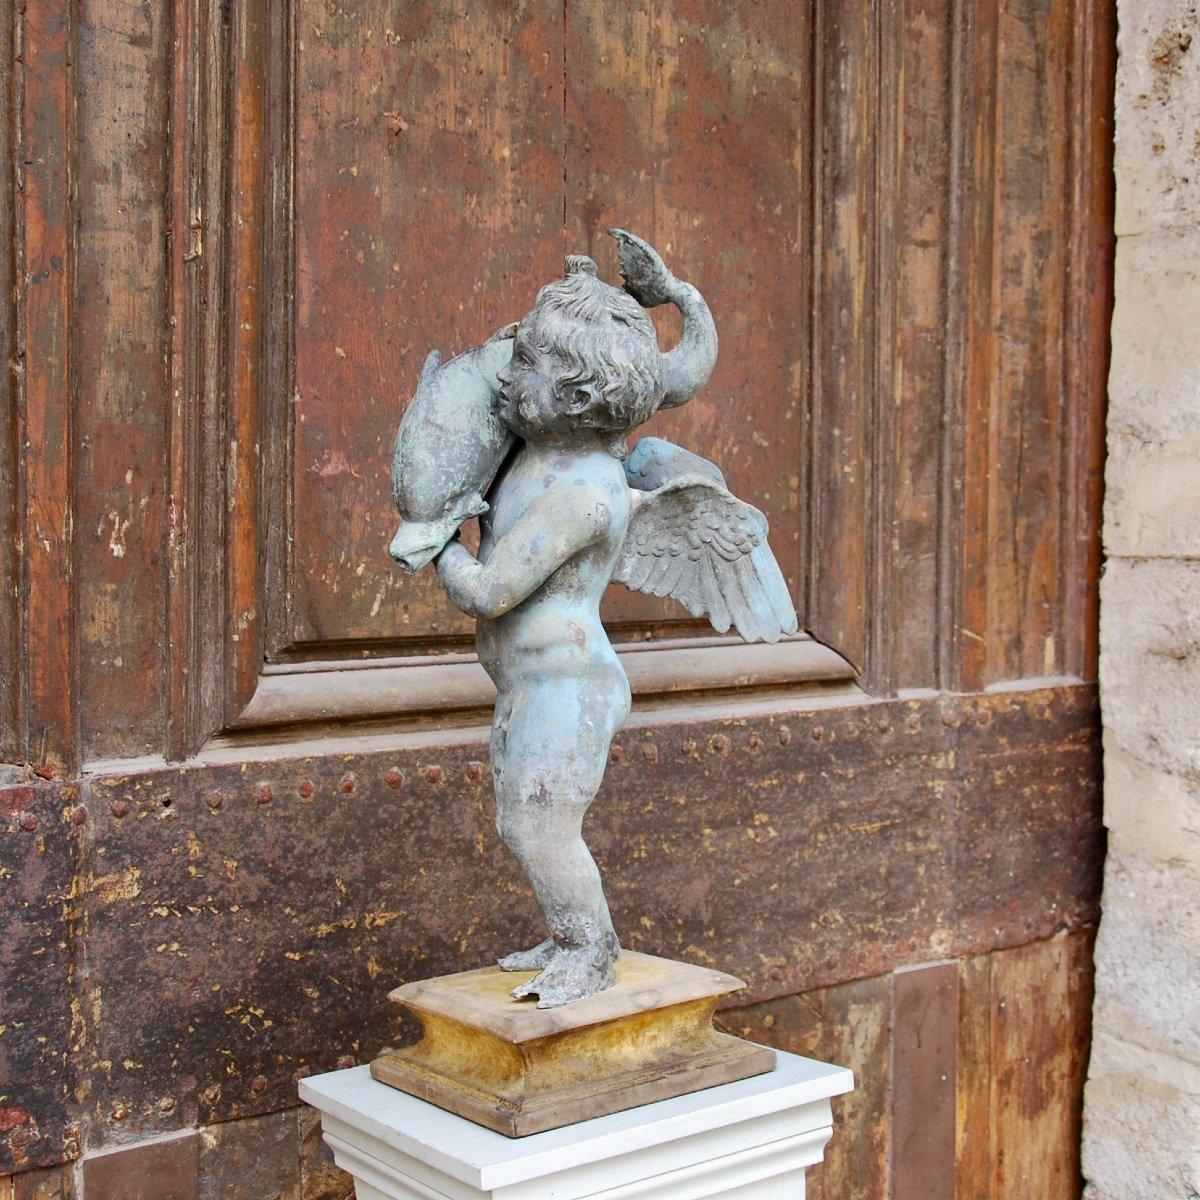 Sculpture En Bronze Au Dauphin Du Grand Tour-photo-6